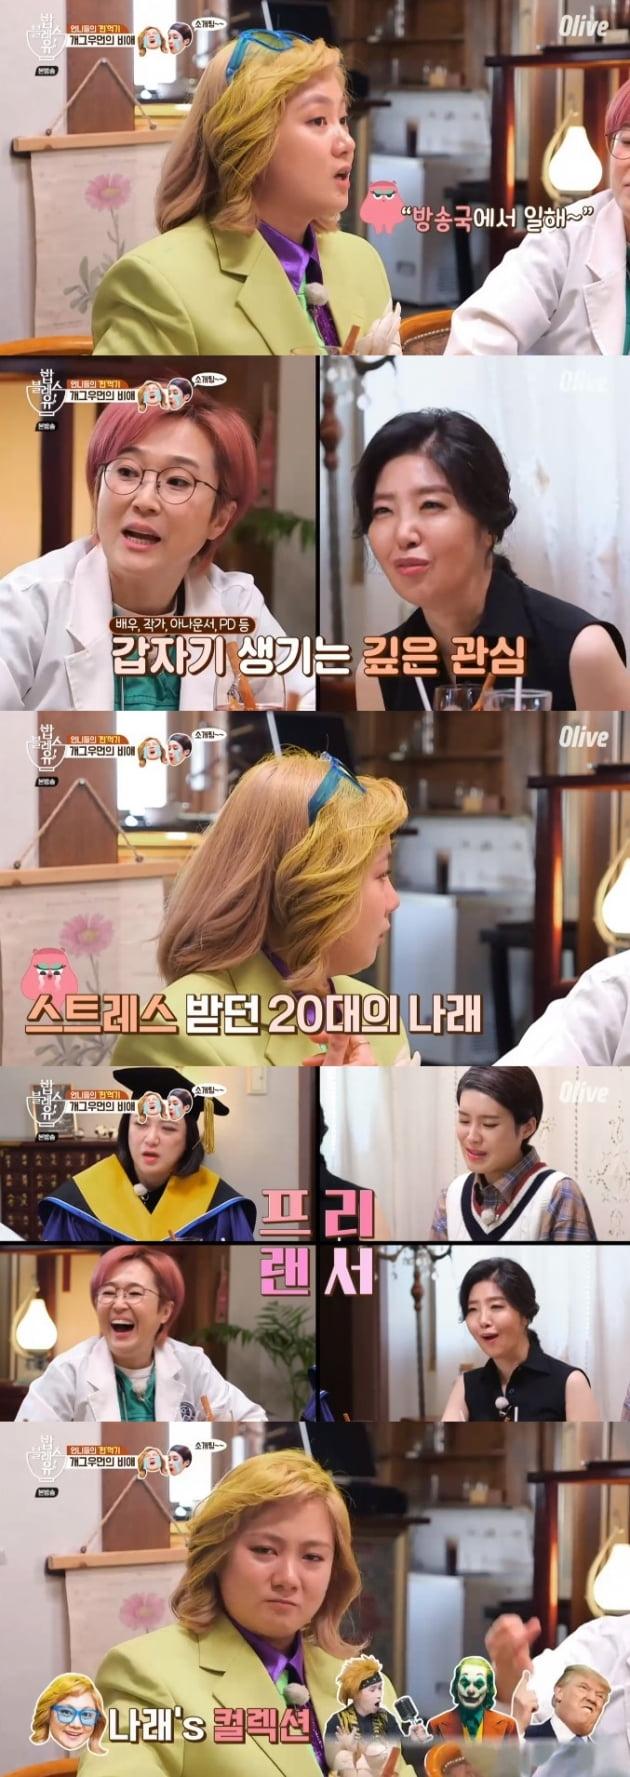 '밥블레스유2' 박나래 / 사진 = 올리브 영상 캡처